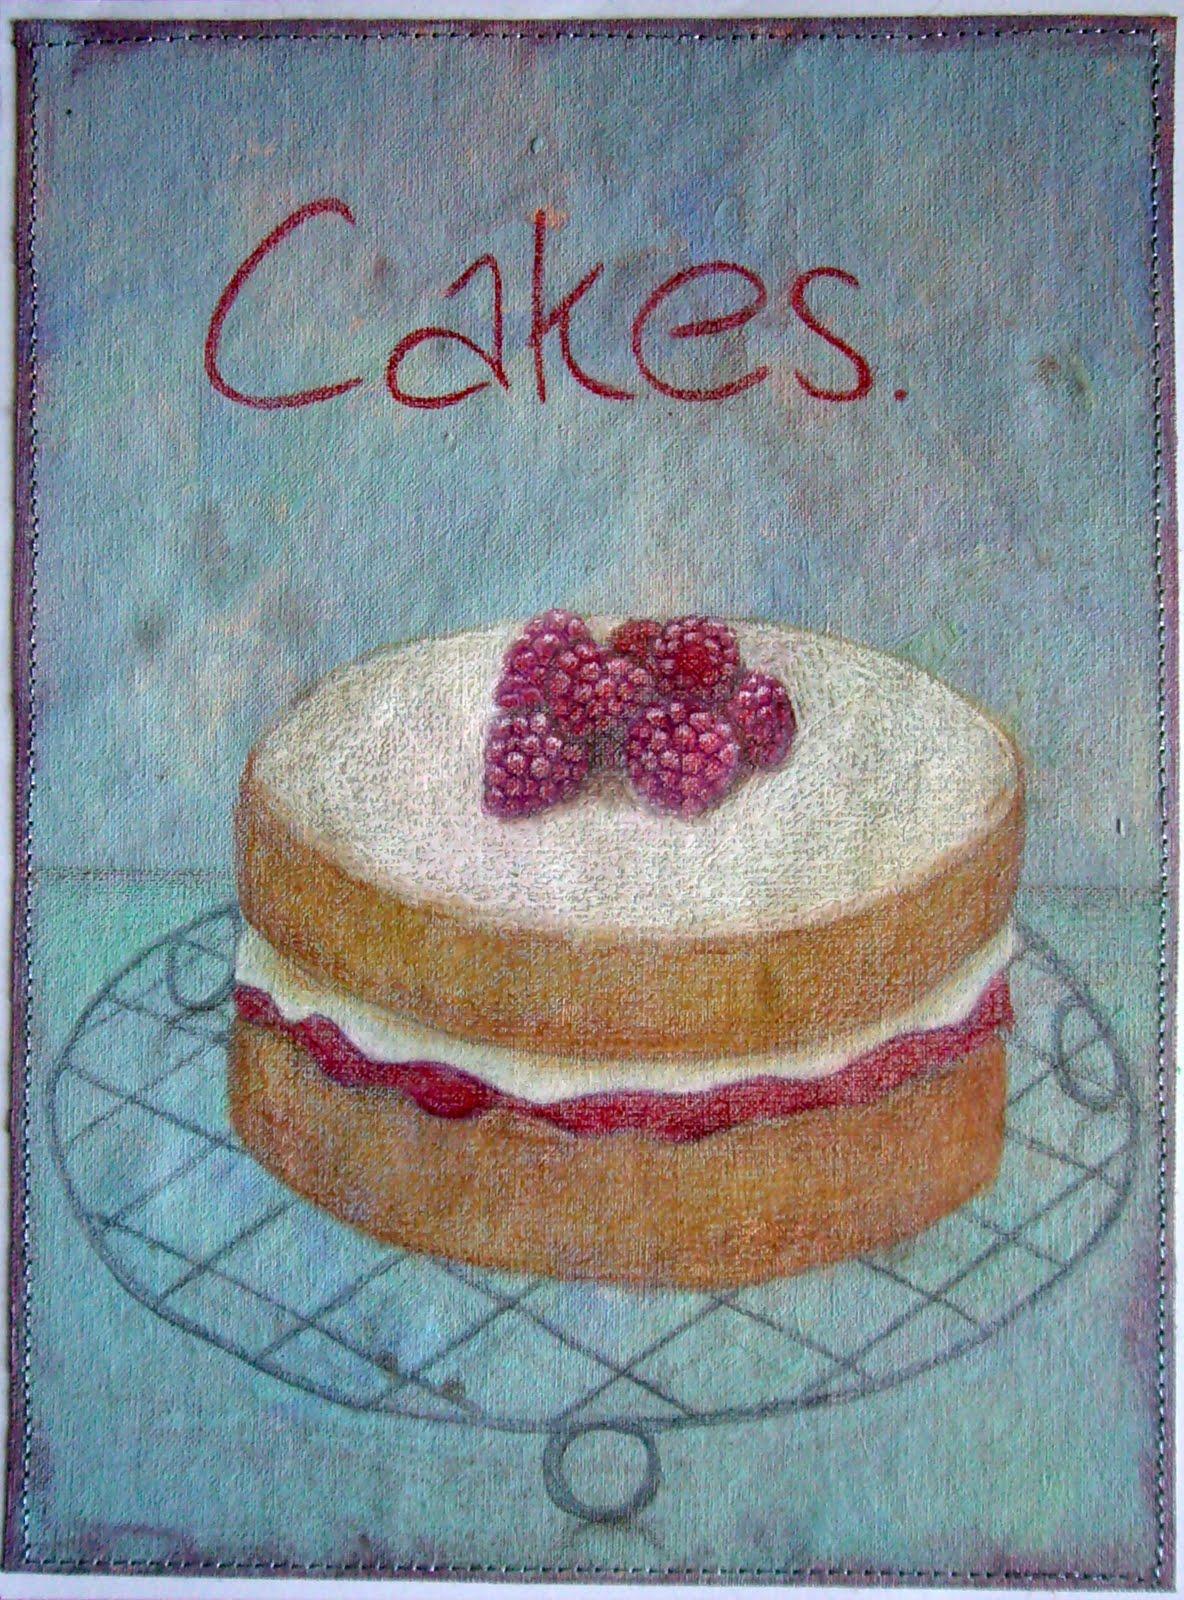 Creative Recipe Book Cover : Creative days recipe book covers